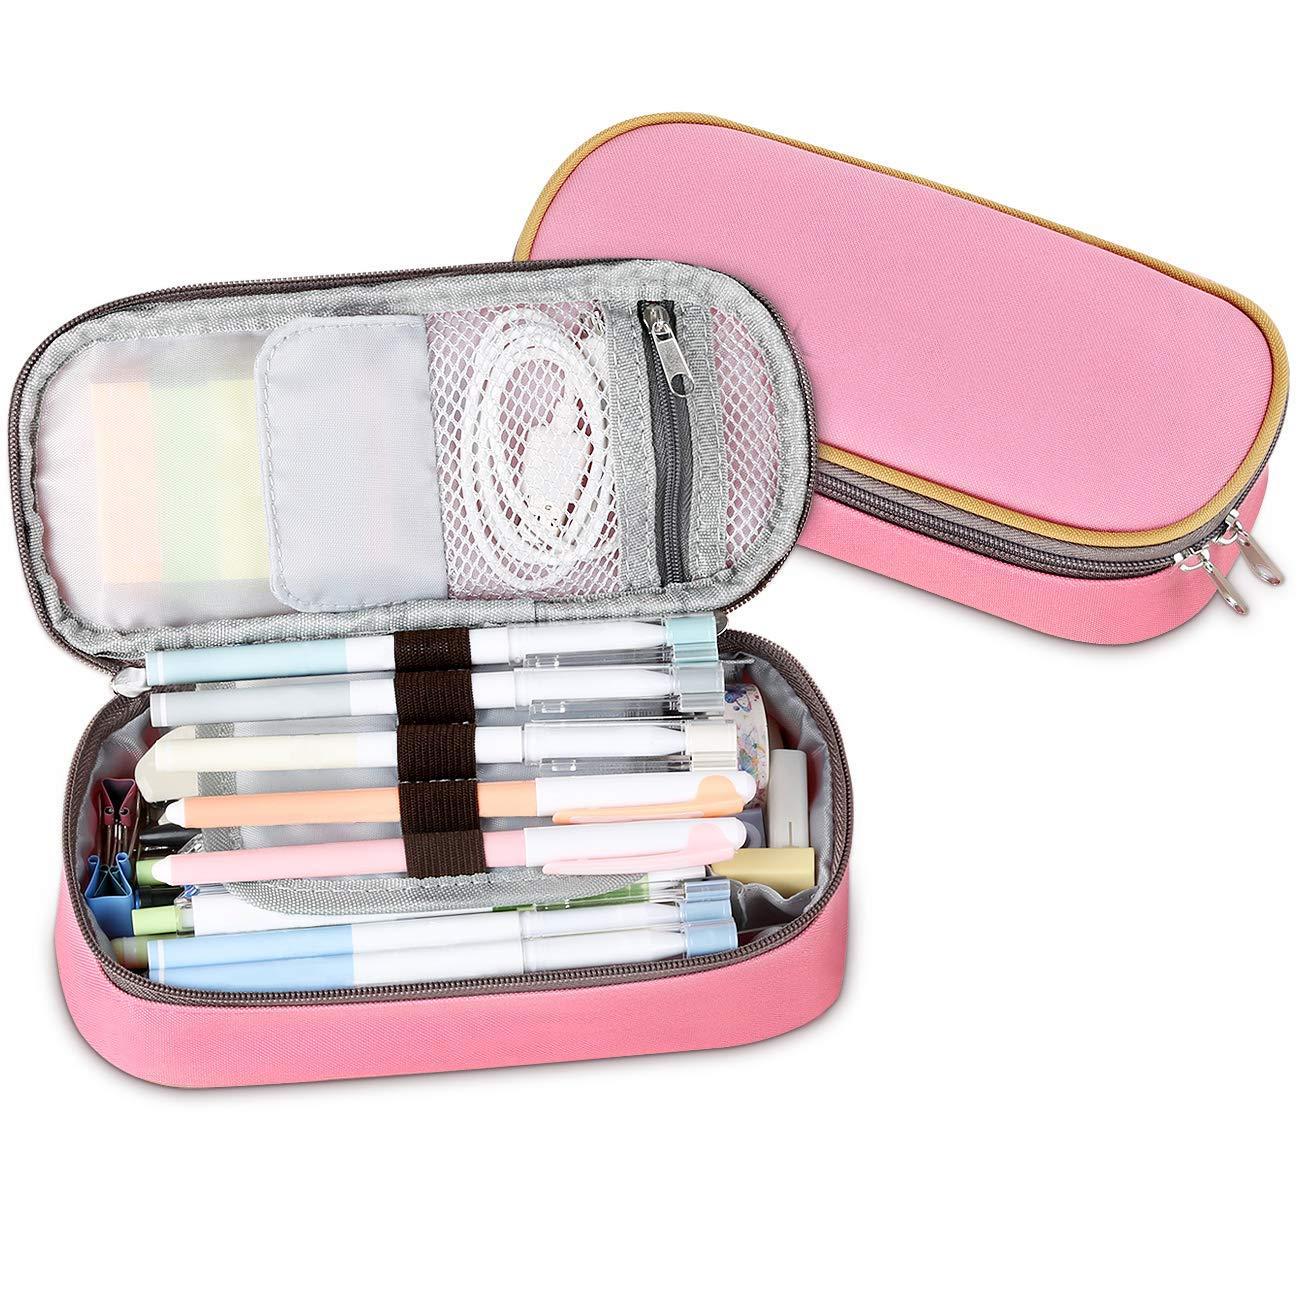 Multifuncional Estuche de lápices estuches escolar Adolescente, Bolsa de Lápiz Portable Lapicero, Estuche Escolar de Gran Capacidad (Rosa): Amazon.es: Oficina y papelería